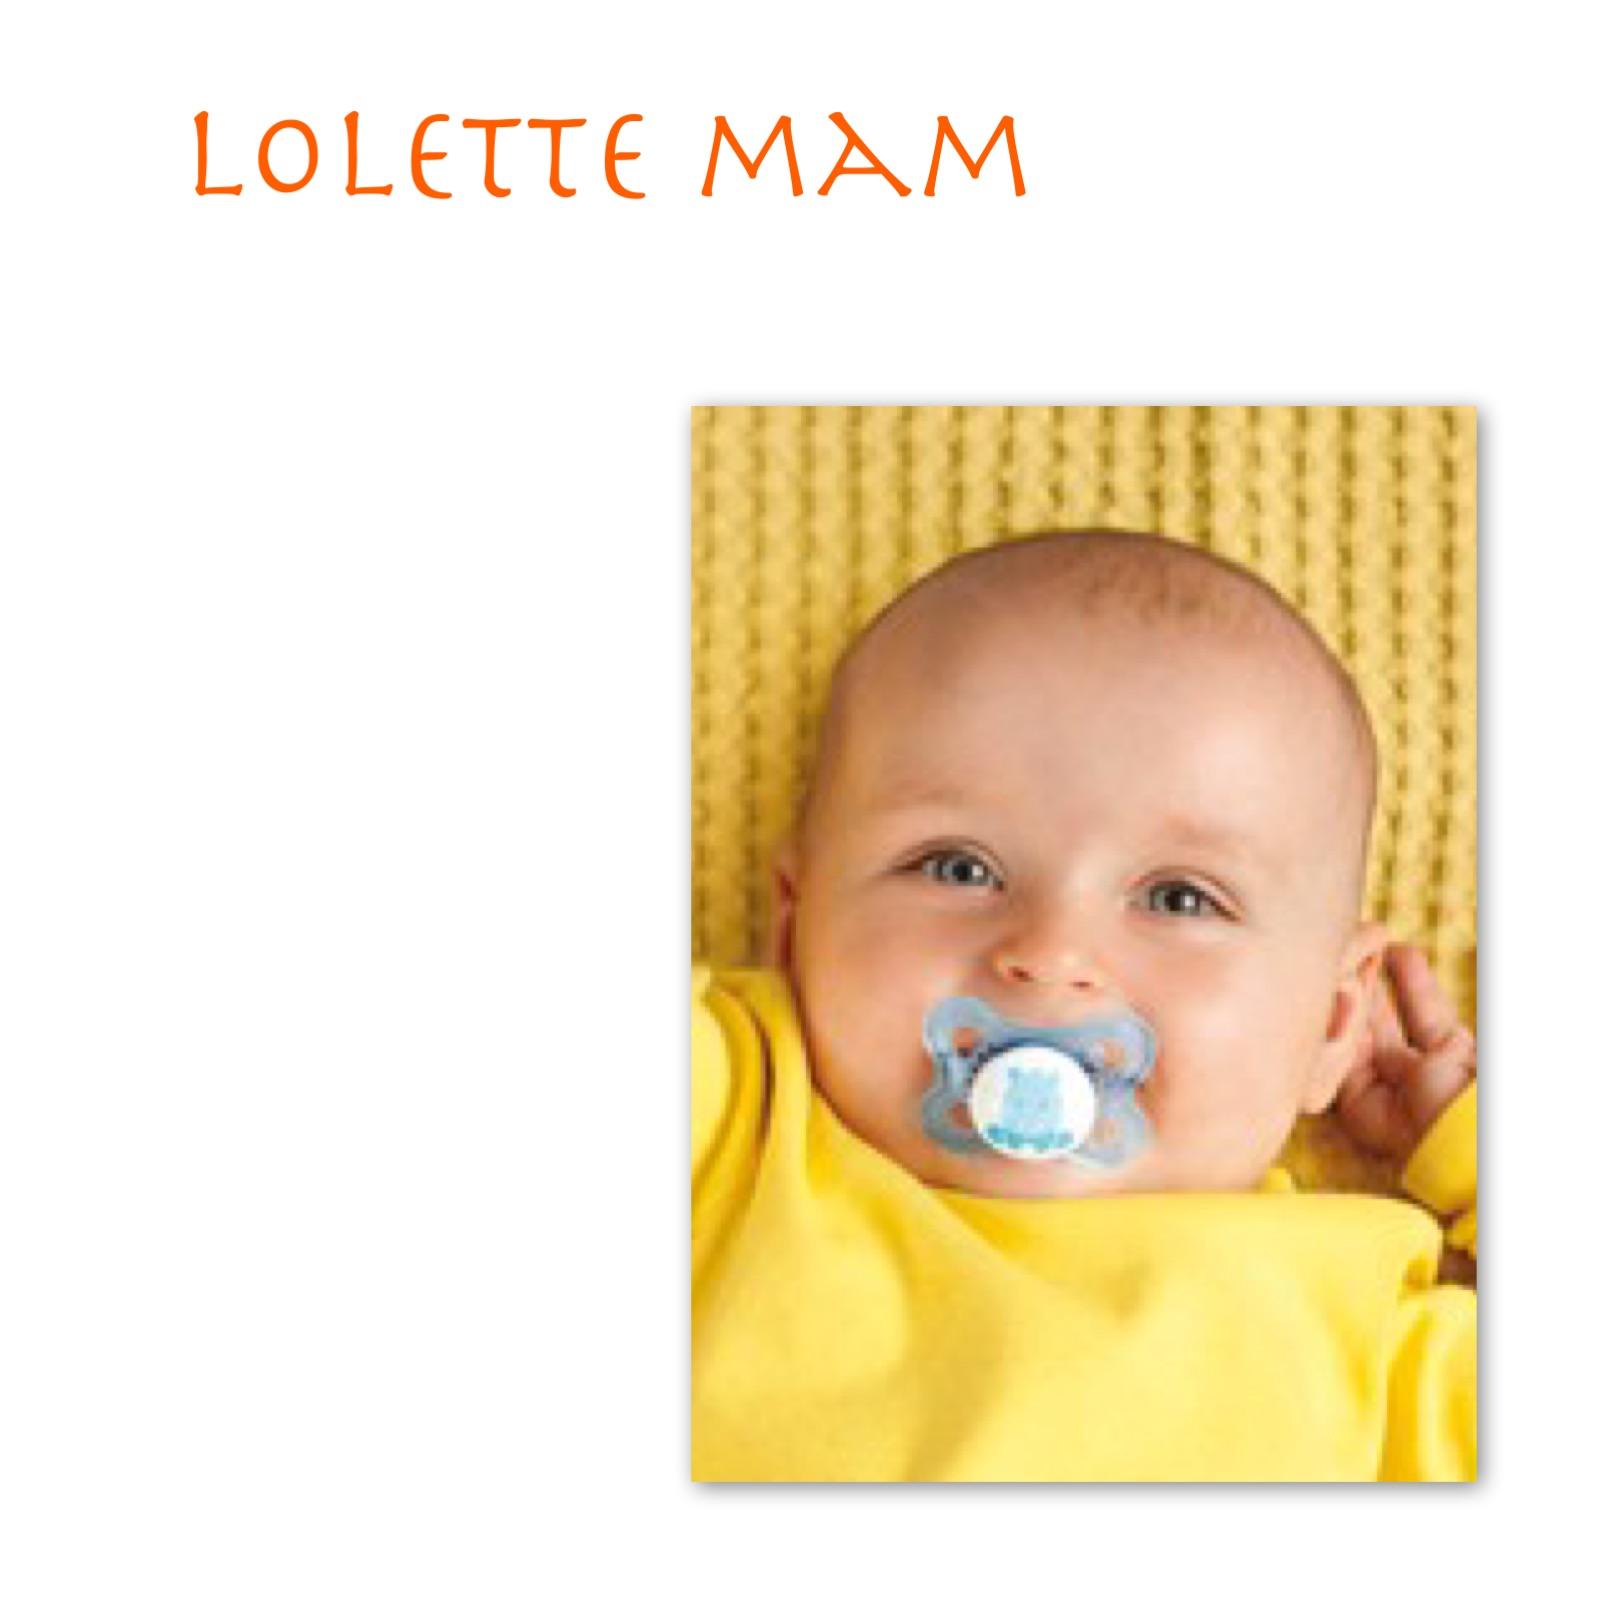 Lolette MAM